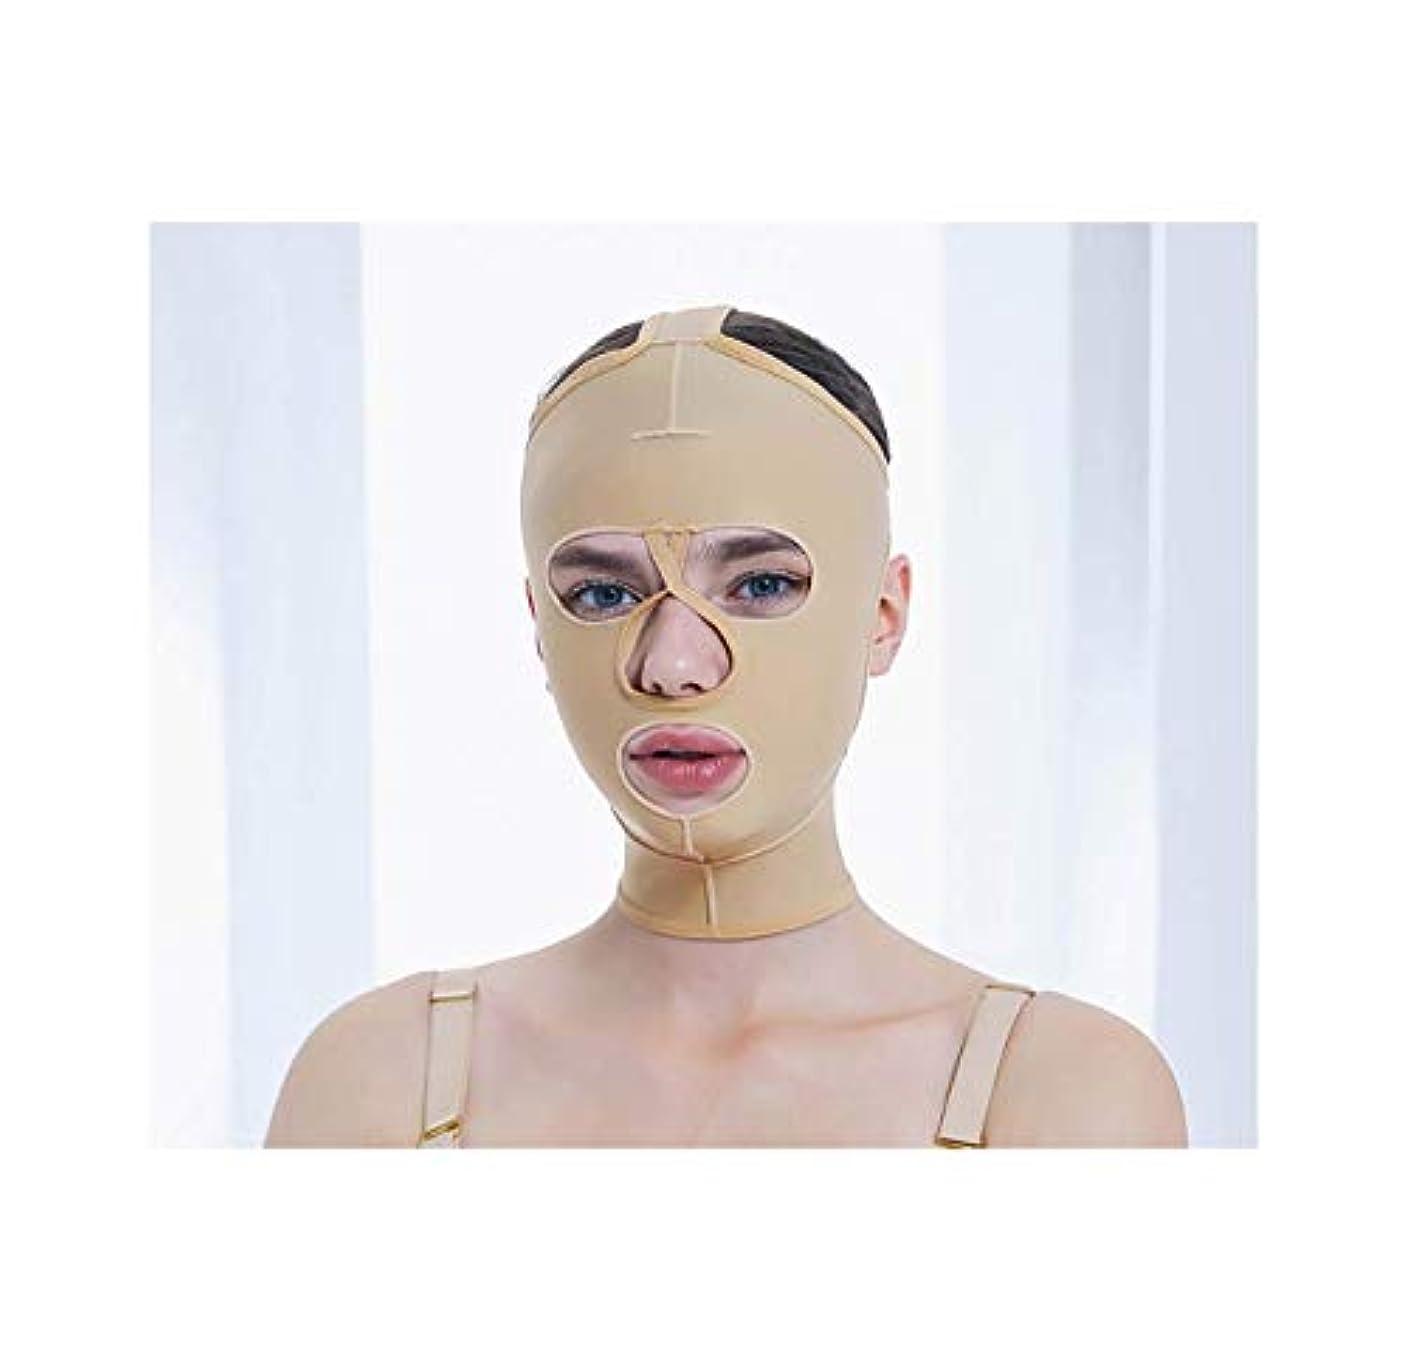 組み合わせる佐賀ずっとフェイス&ネックリフト、減量フェイスマスク脂肪吸引術脂肪吸引整形マスクフードフェイスリフティングアーティファクトVフェイスビームフェイス弾性スリーブ(サイズ:XS),Xl